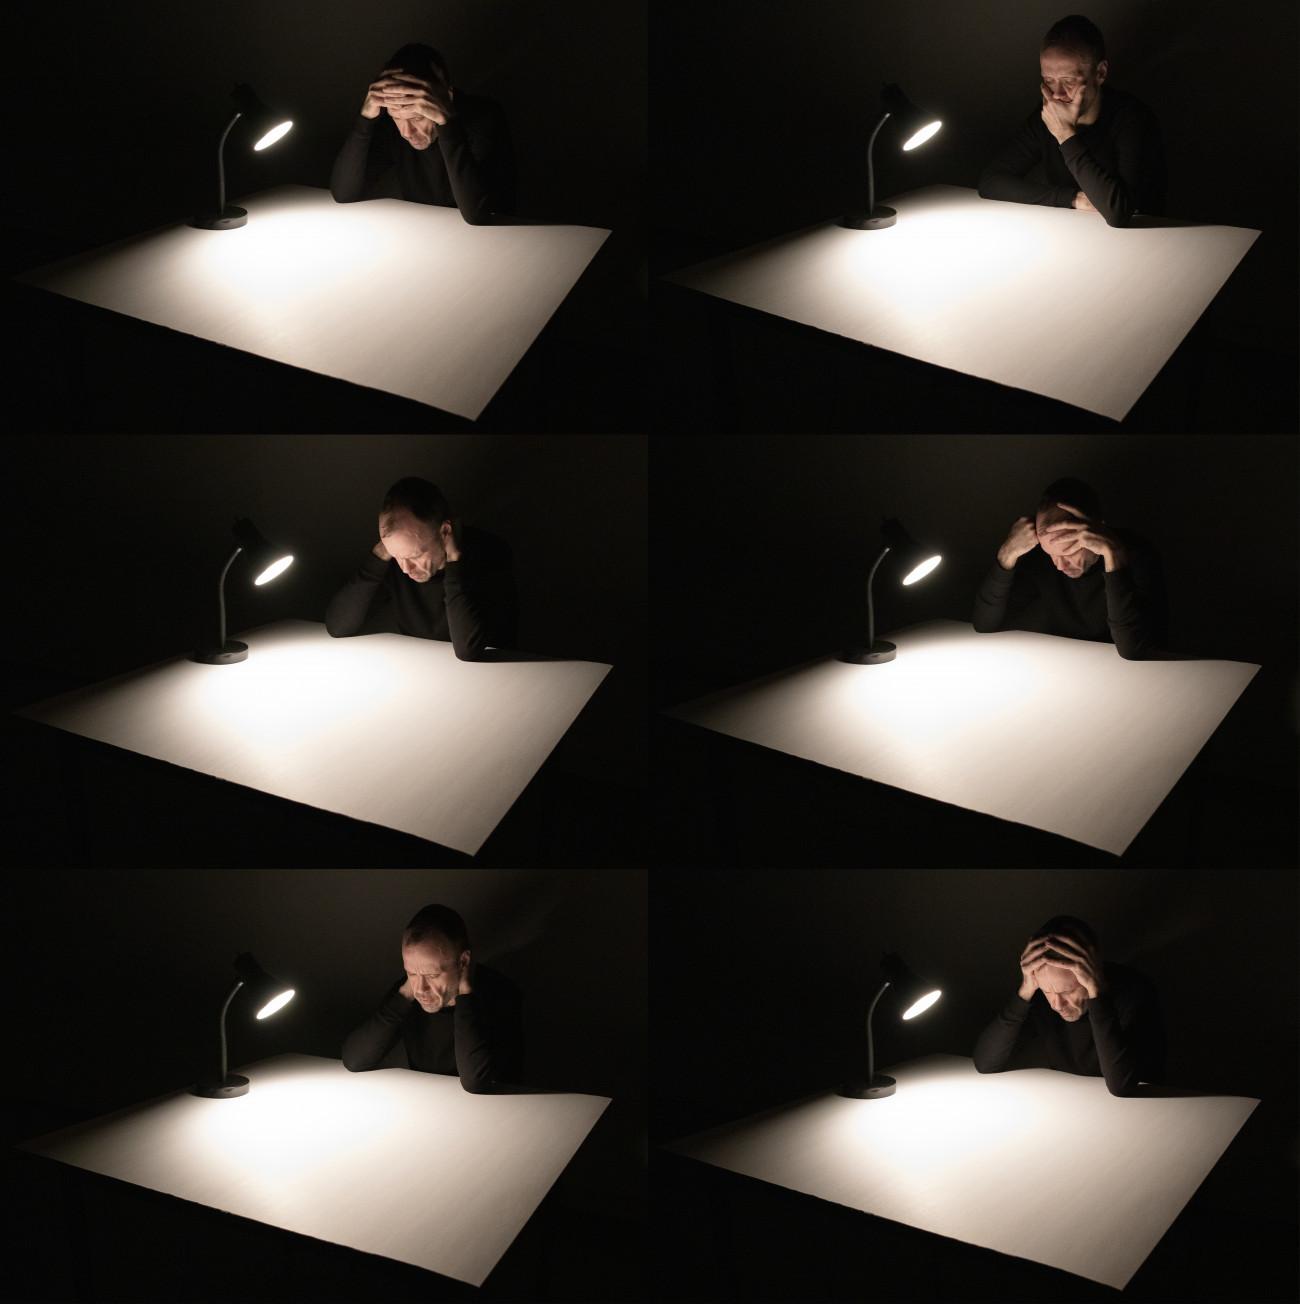 Steve Giasson. Performance invisible n° 213 (S'inquiéter / Travailler). Reenactment de Neša Paripović. Bez naziva [Sans titre]. 1975. Performeur : Steve Giasson. Crédit photographique : Martin Vinette. Retouches photographiques : Daniel Roy. 24 février 2020.